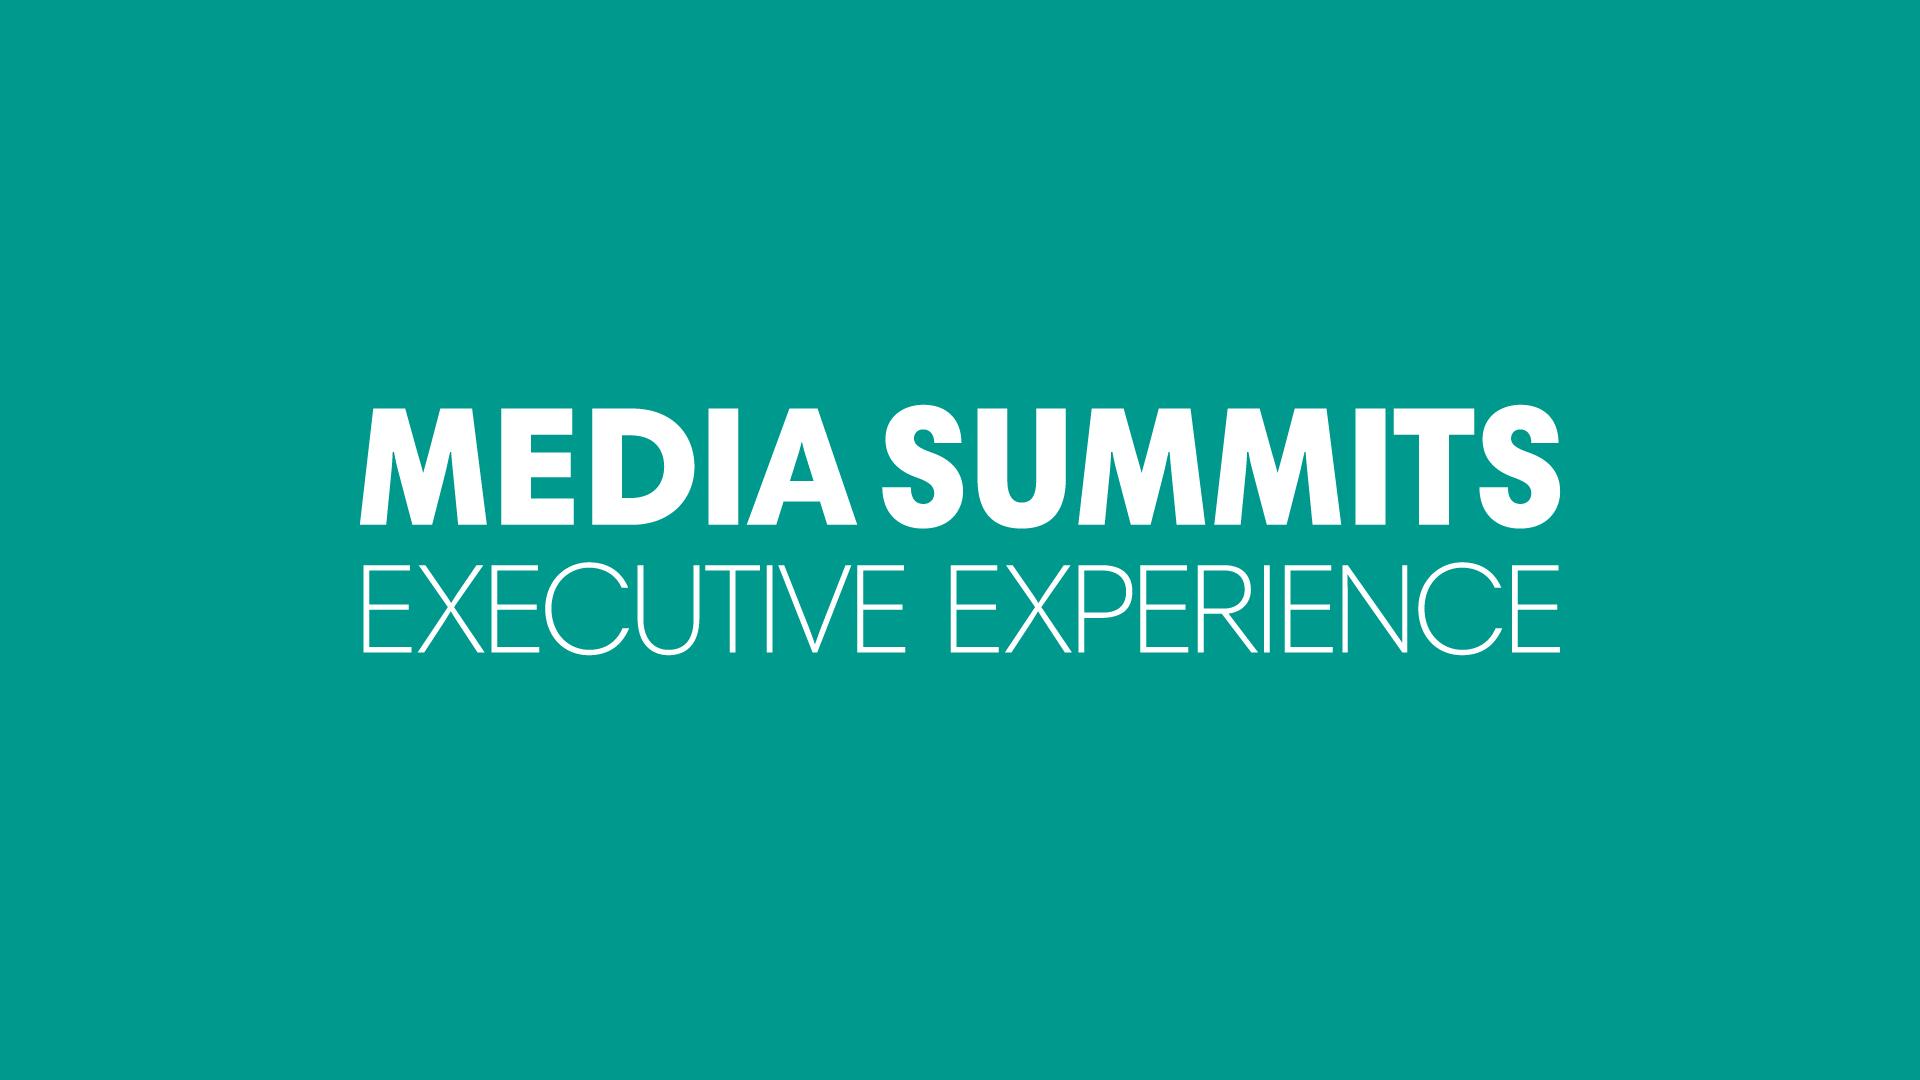 Media Summits